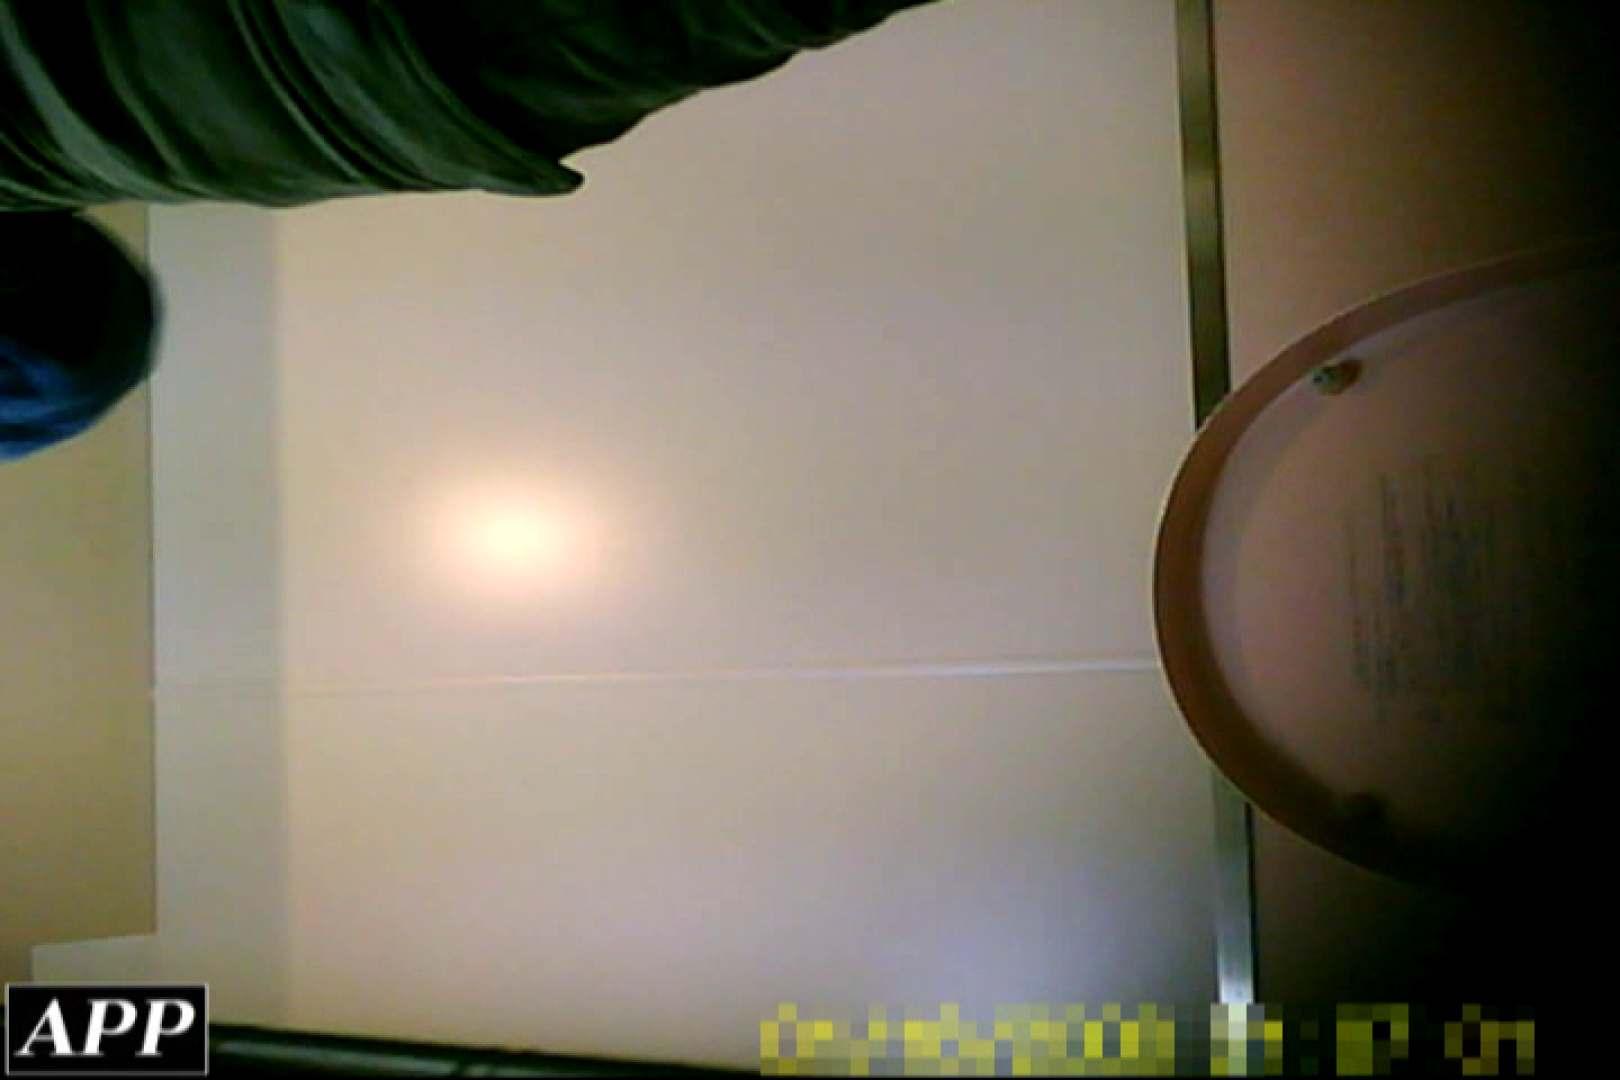 3視点洗面所 vol.09 オマンコ大好き エロ画像 106画像 69